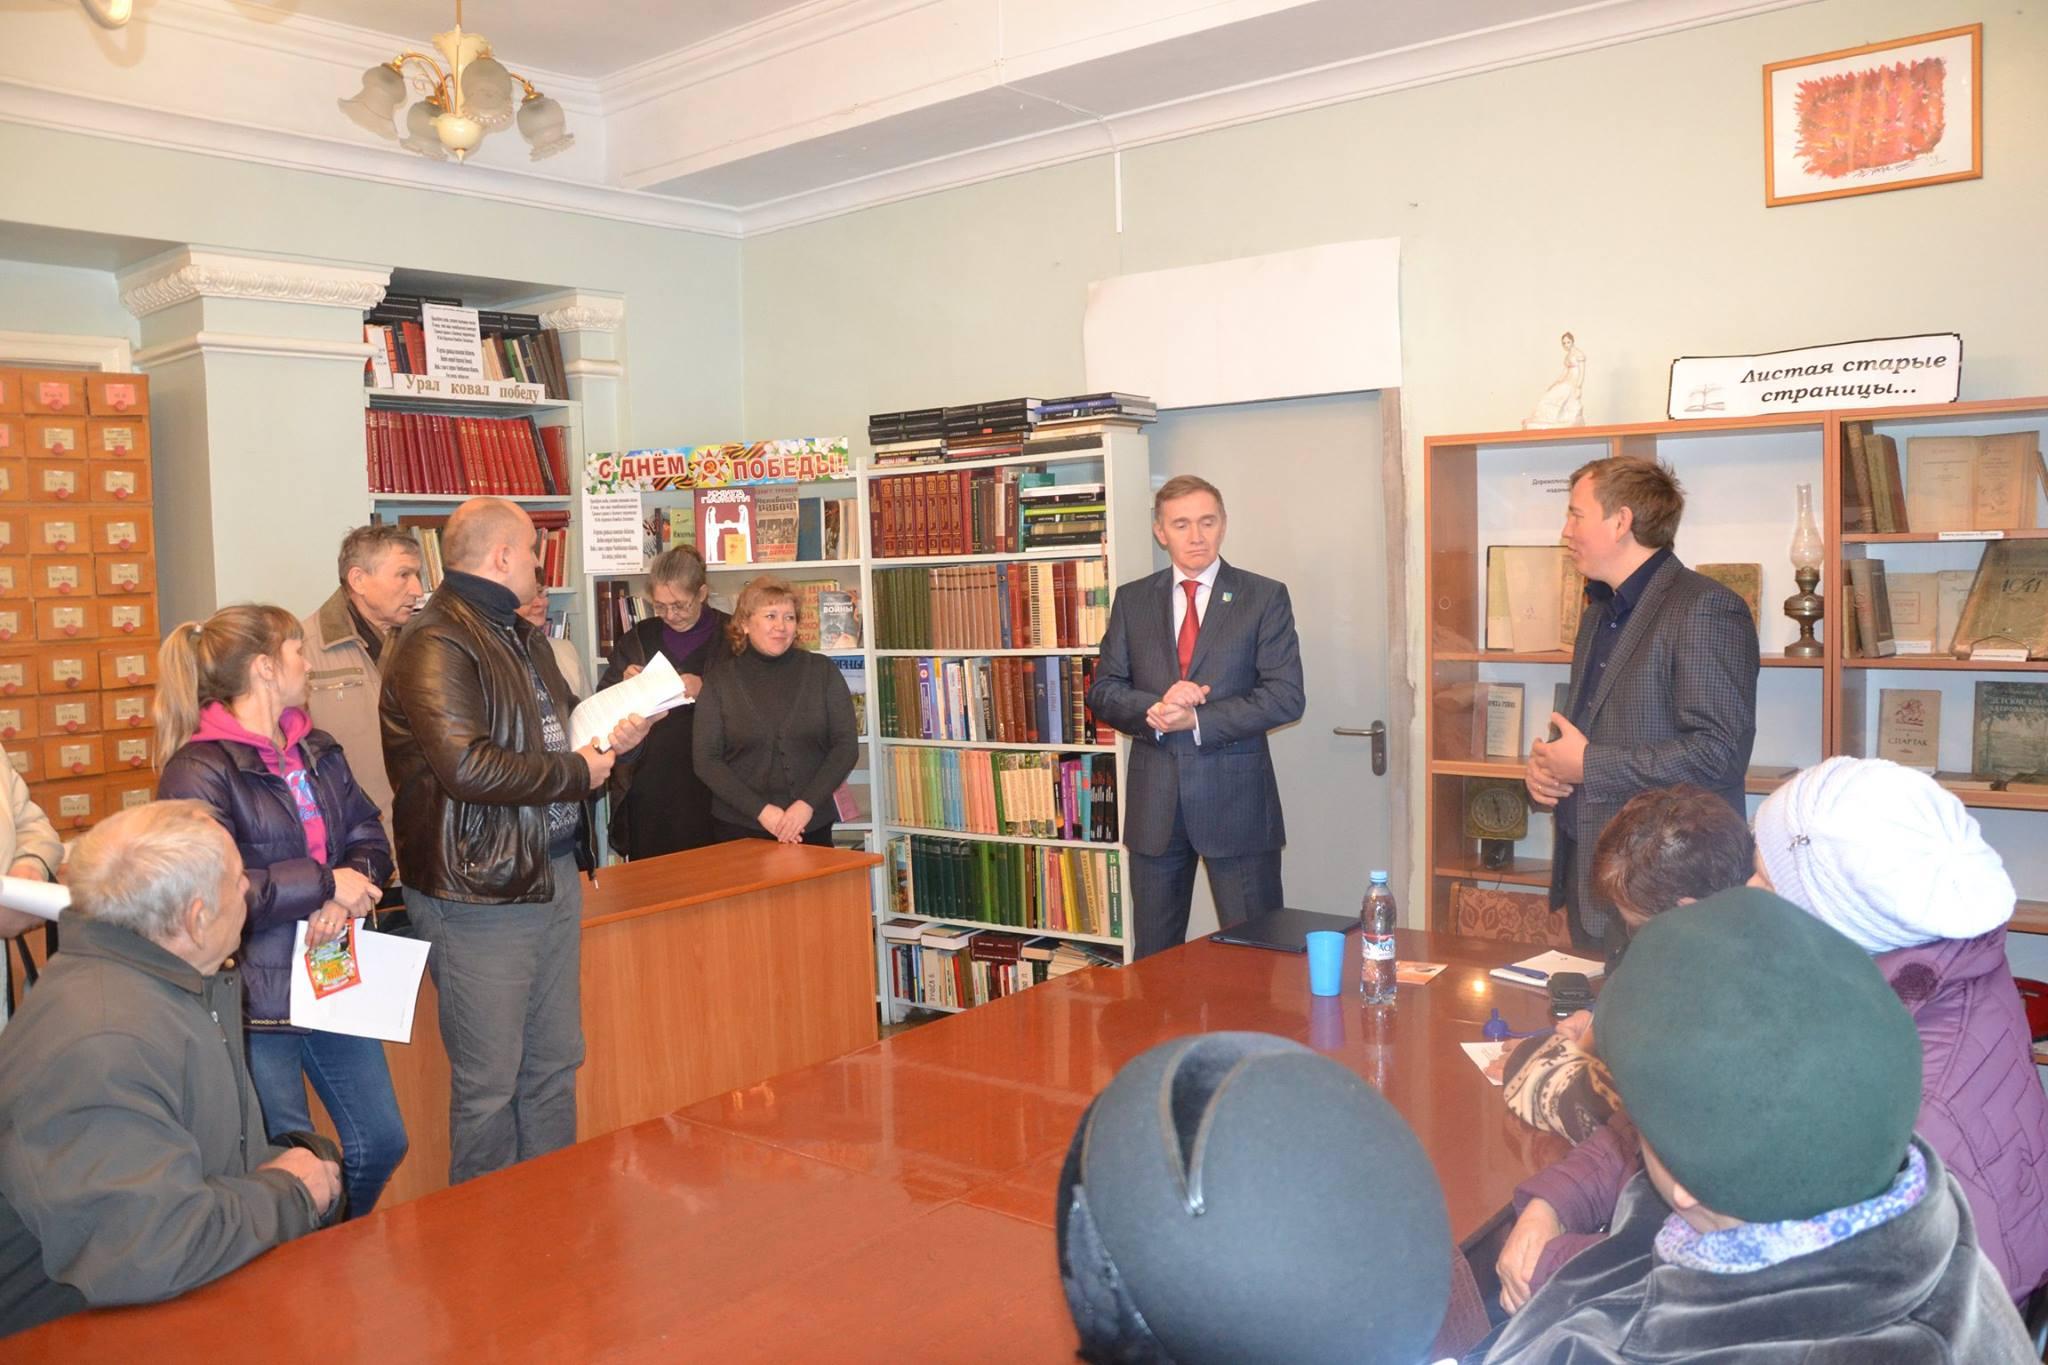 Как сообщил омбудсмен агентству «Урал-пресс-информ», в 2013 году руководство градообразующего пре